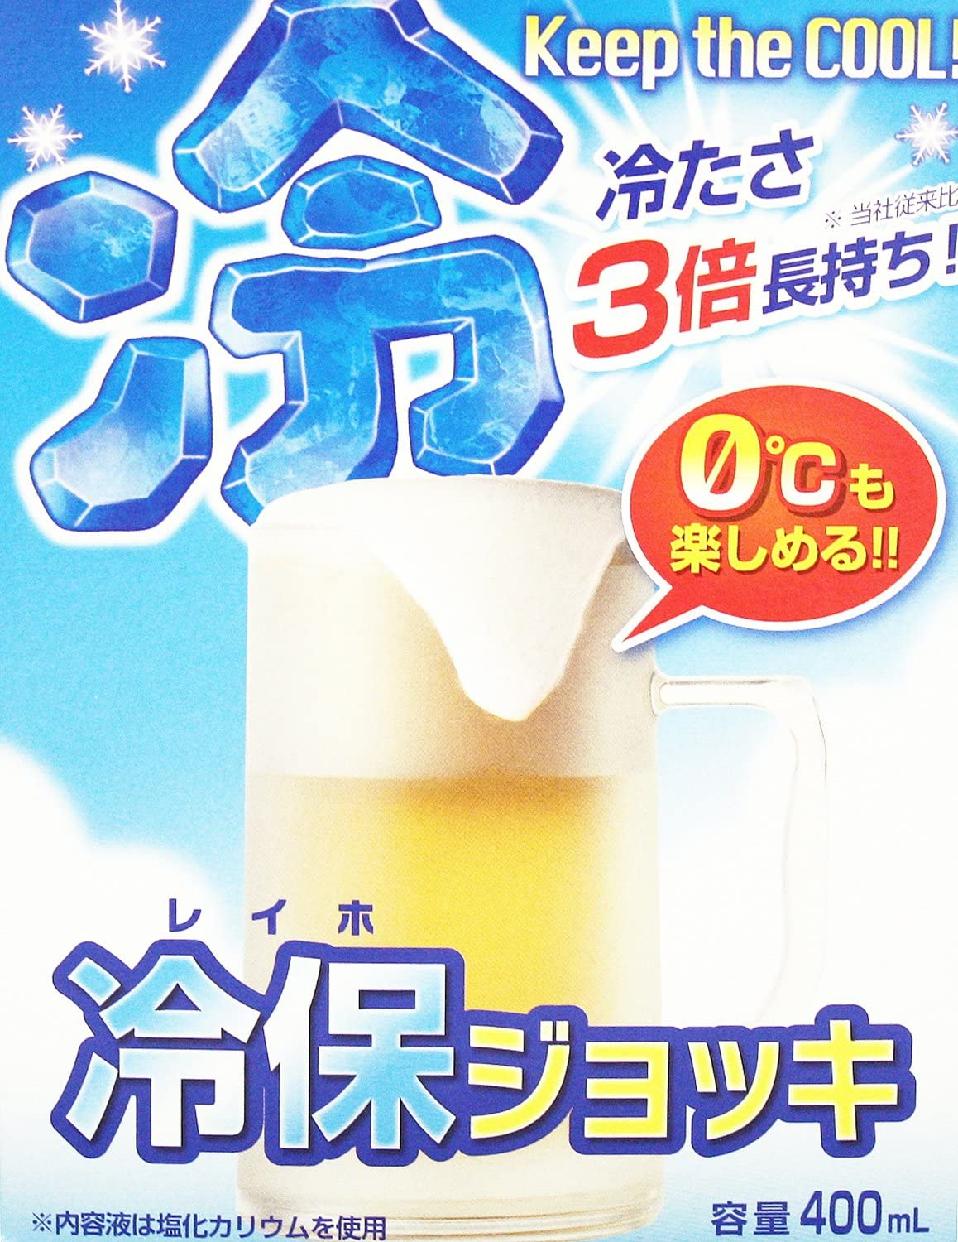 ユタカ産業(YUTAKA CORPORATION) 冷保 ジョッキの商品画像3